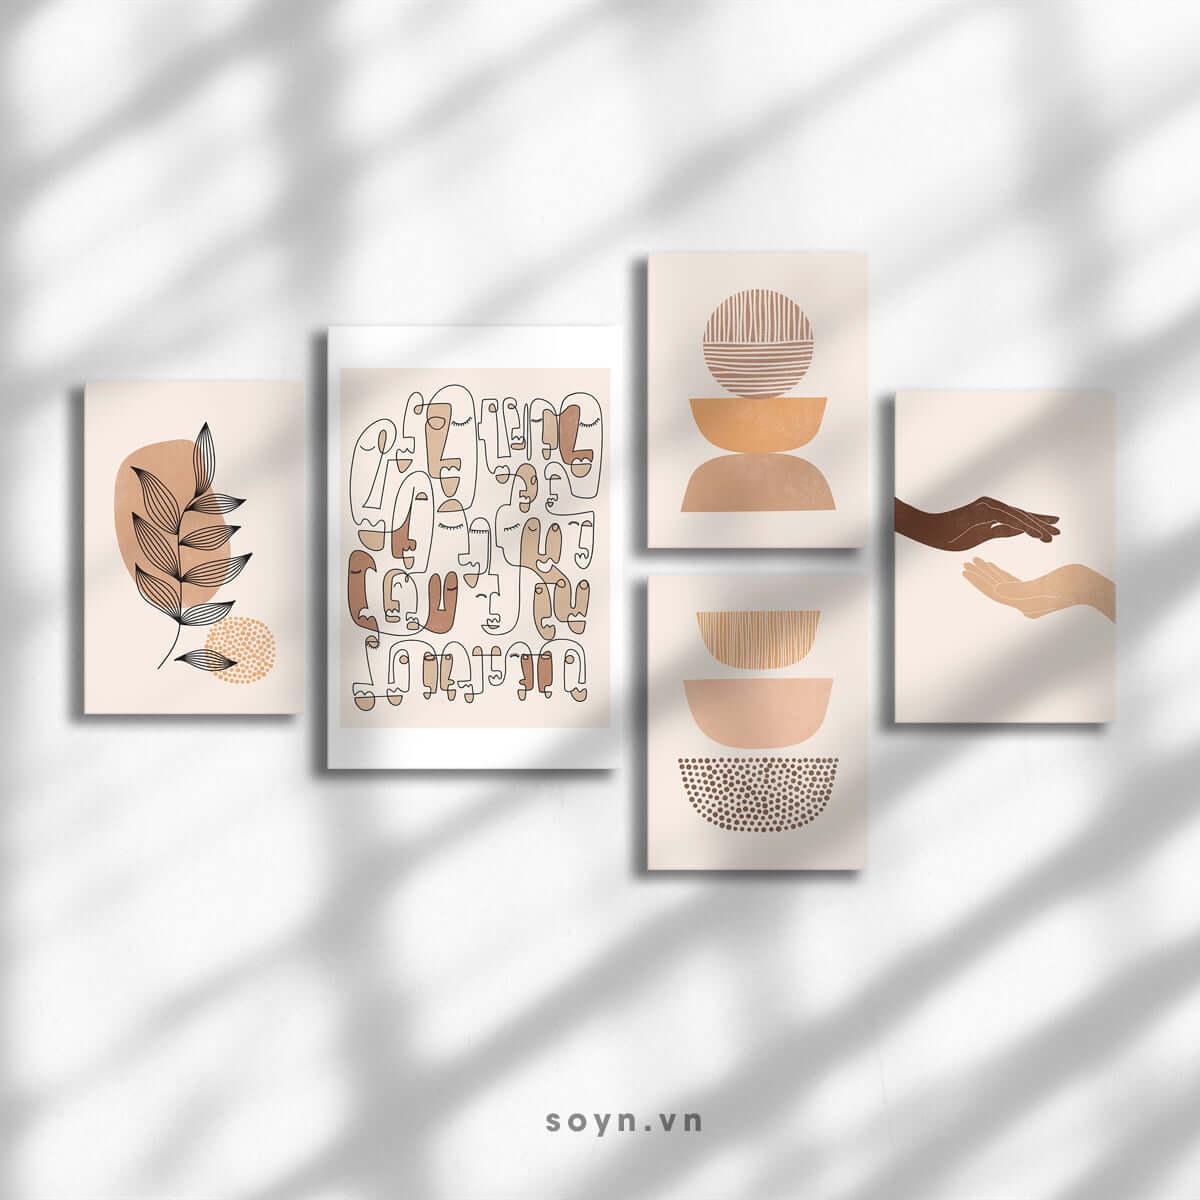 Hội họa tối giản, phong cách tối giản trong hội họa